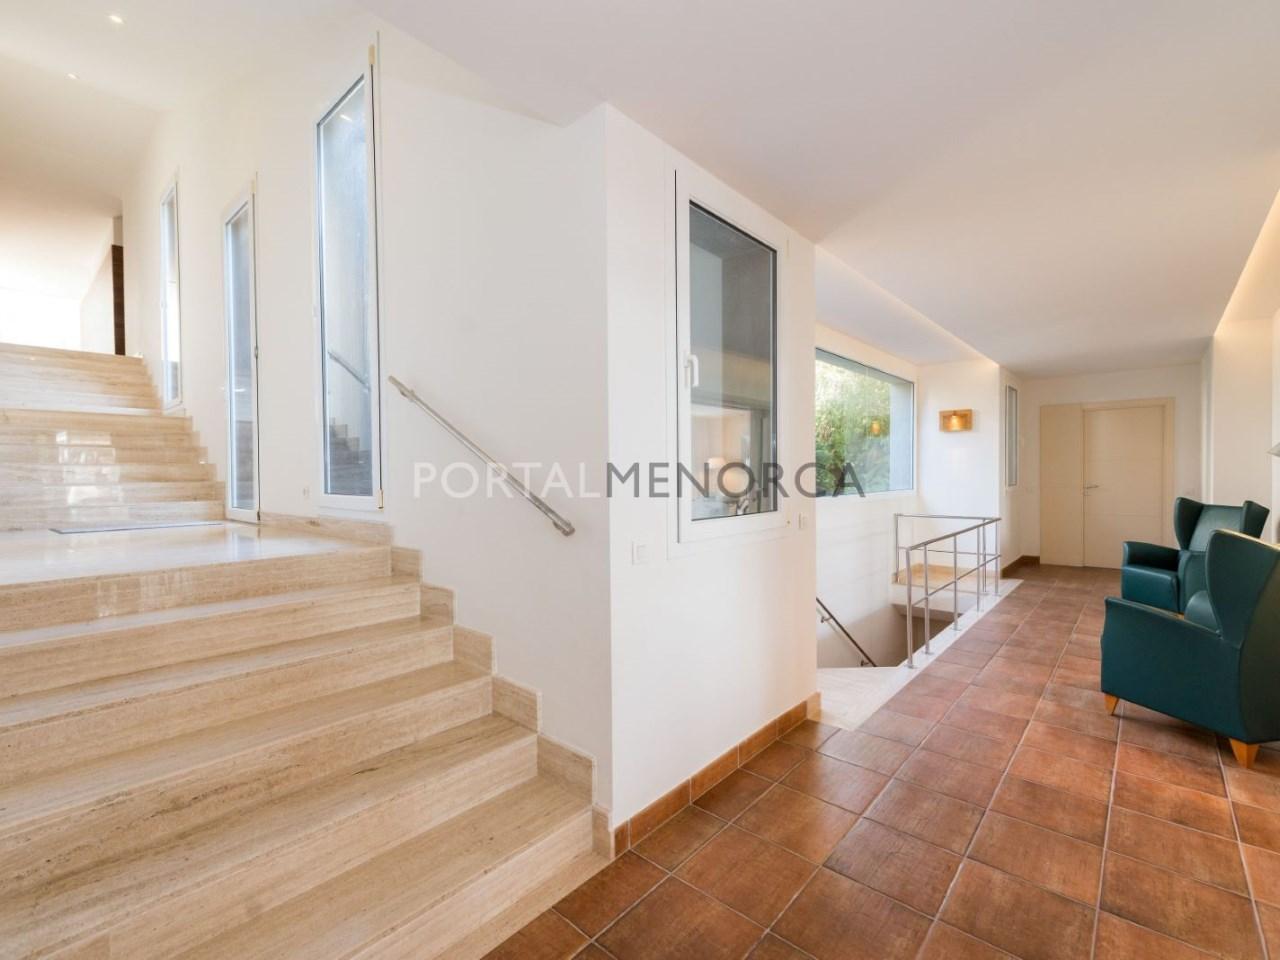 acheter-maison-luxe-menorca (11)